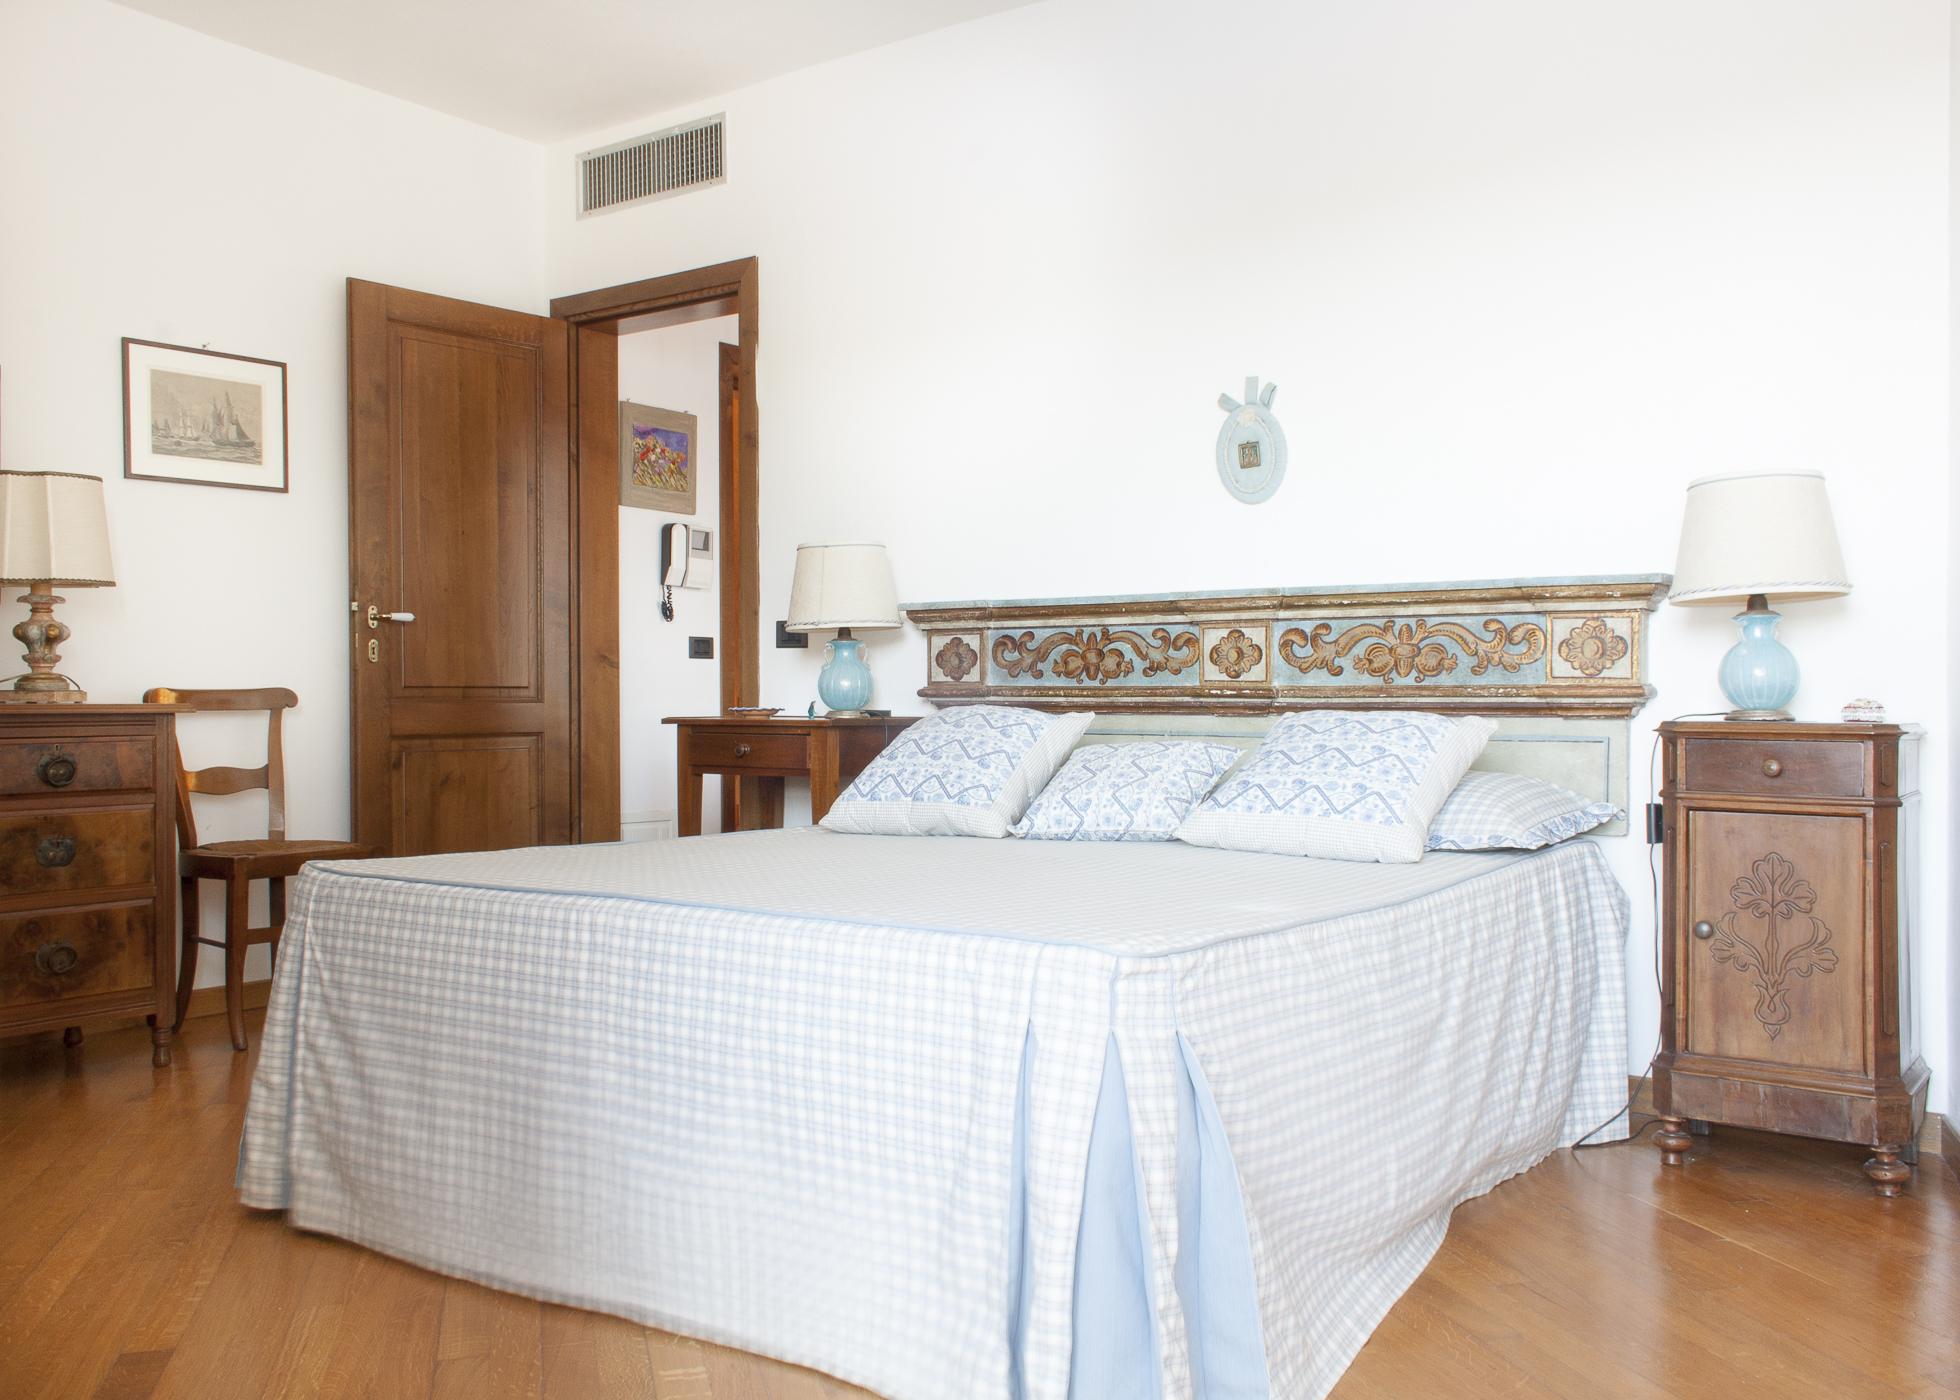 Ferienhaus TERRAZZA SUL MARE (2334401), Marina di Campo, Elba, Toskana, Italien, Bild 18